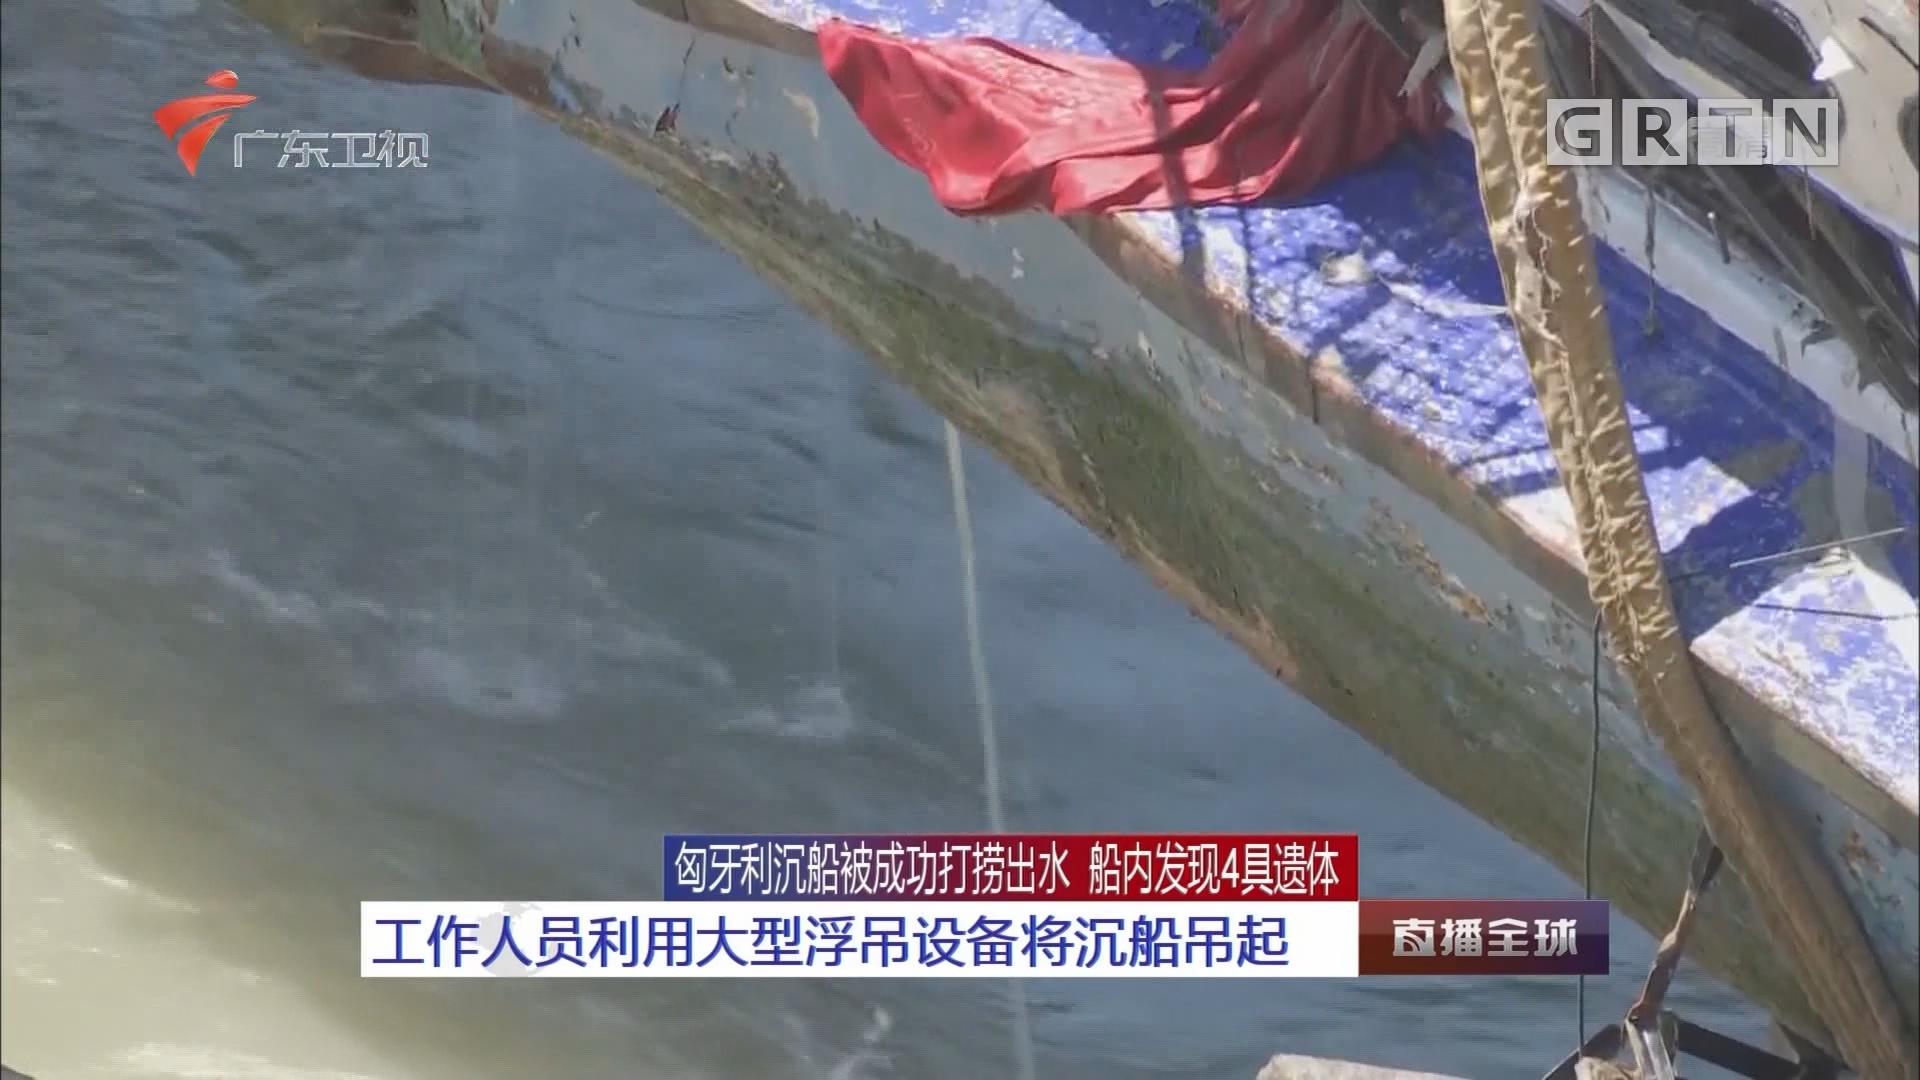 匈牙利沉船被成功打捞出水 船内发现4具遗体:工作人员利用大型浮吊设备将沉船吊起